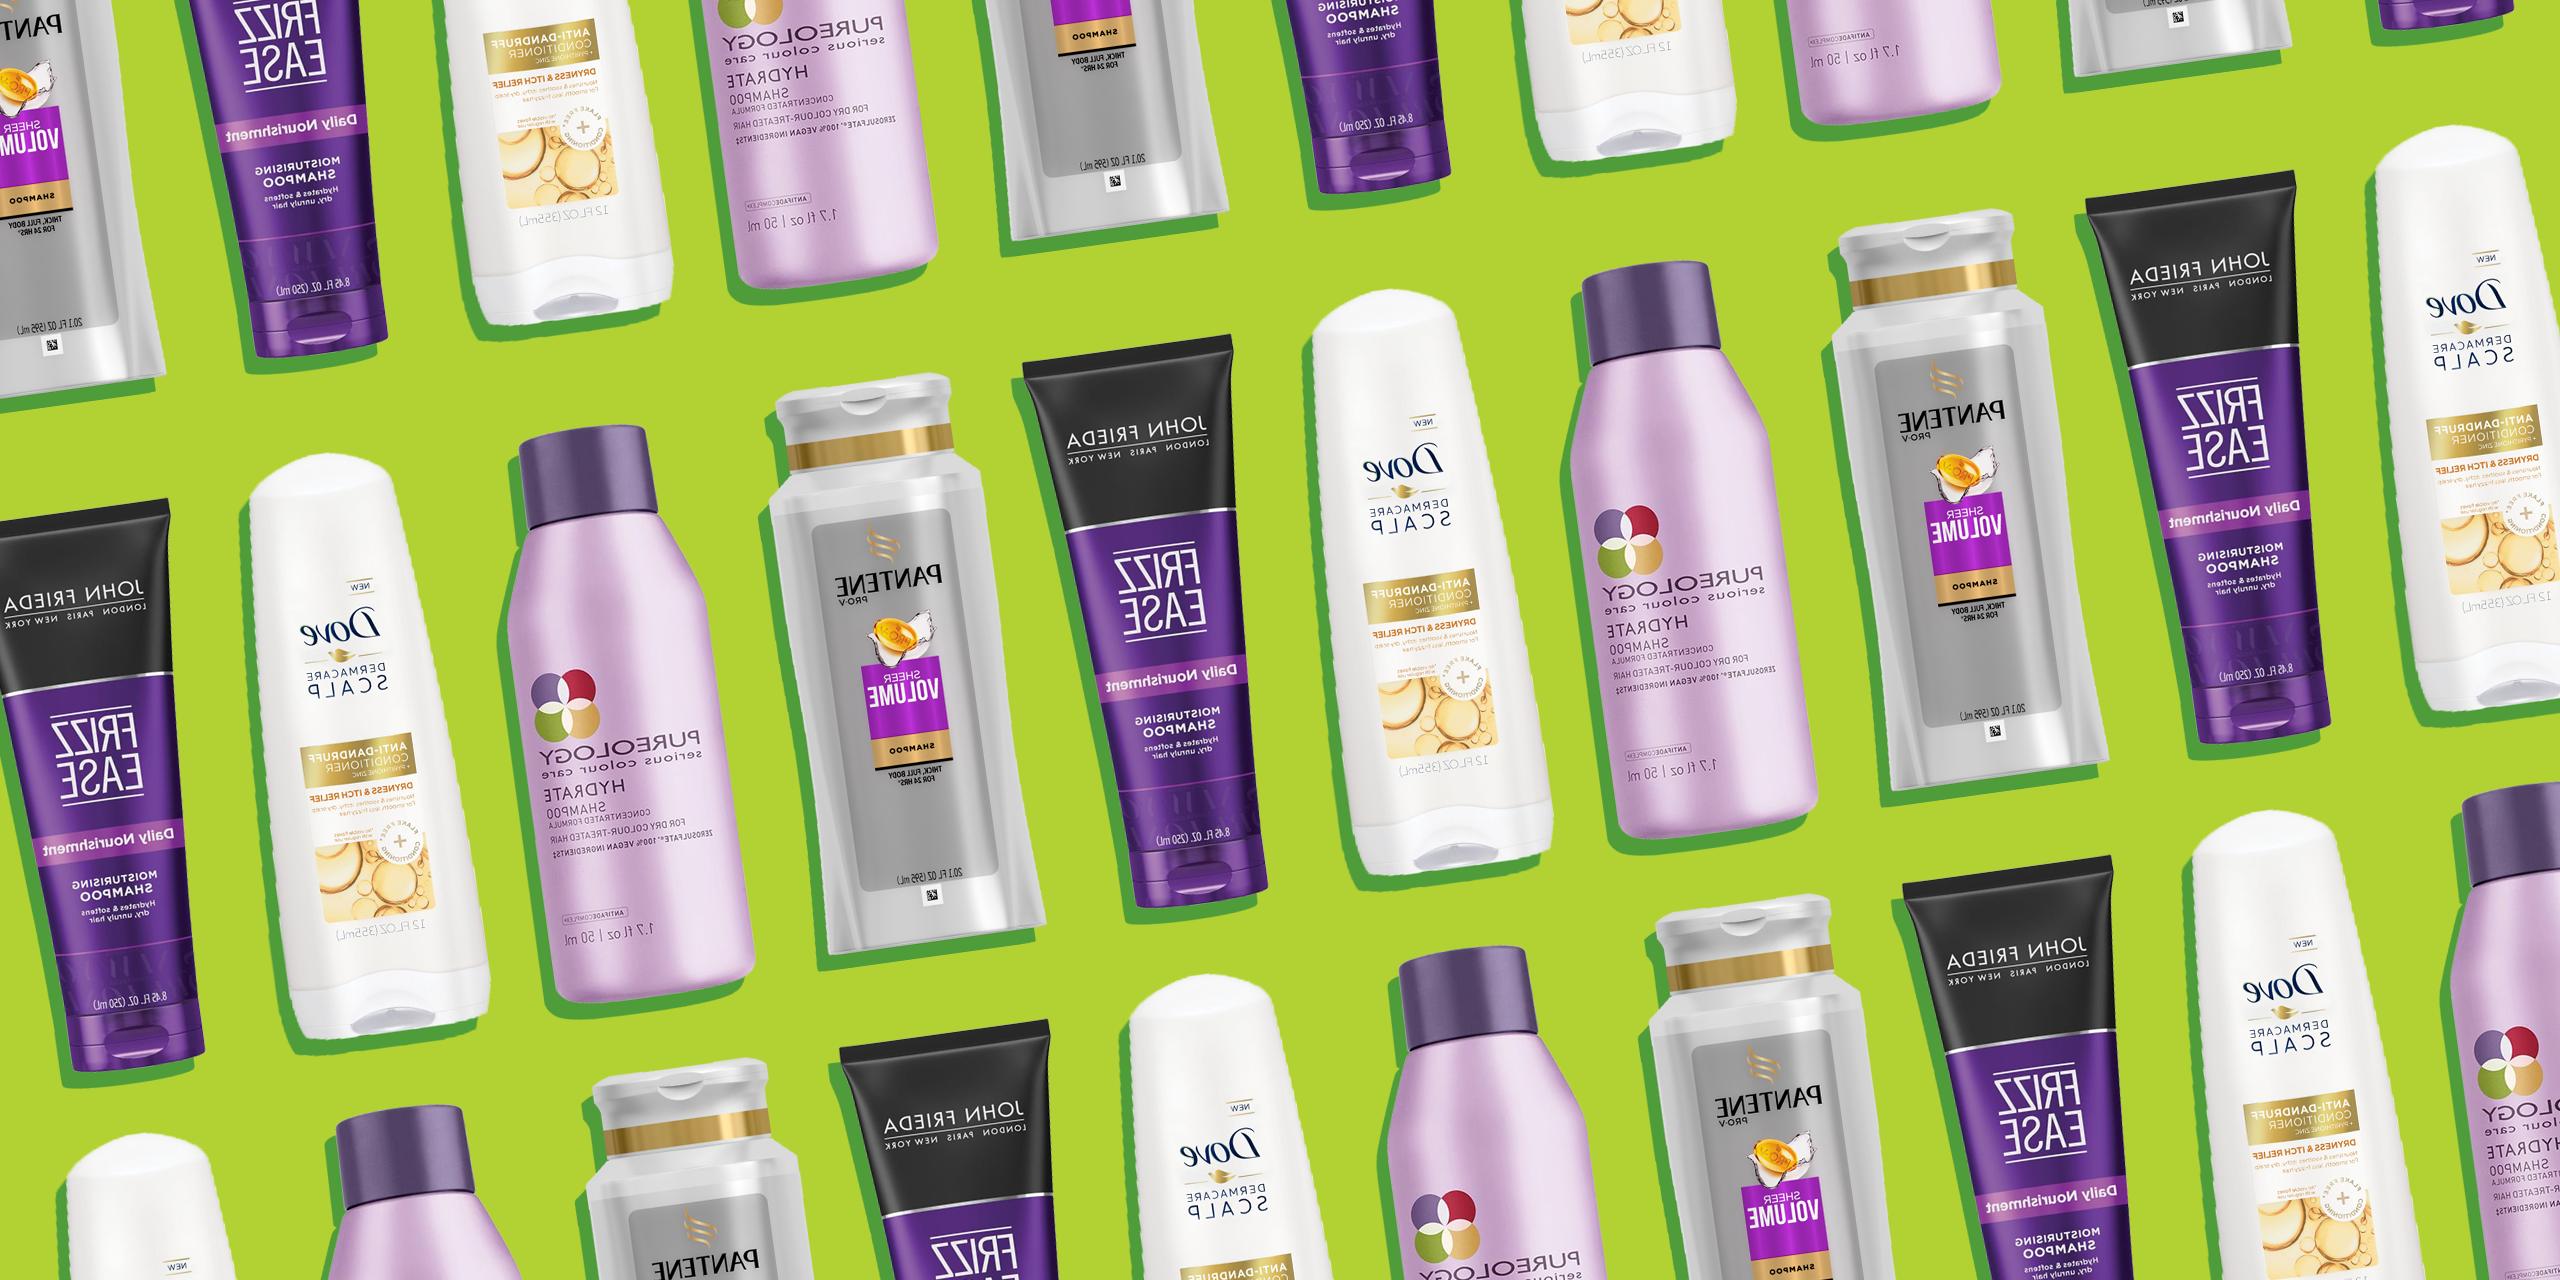 Pourquoi prendre un shampooing sans sulfate ?